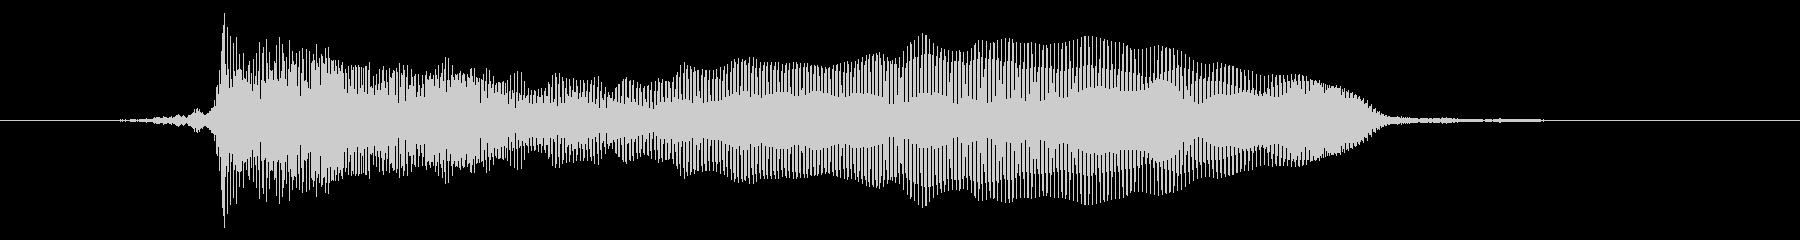 猫の鳴き声の未再生の波形